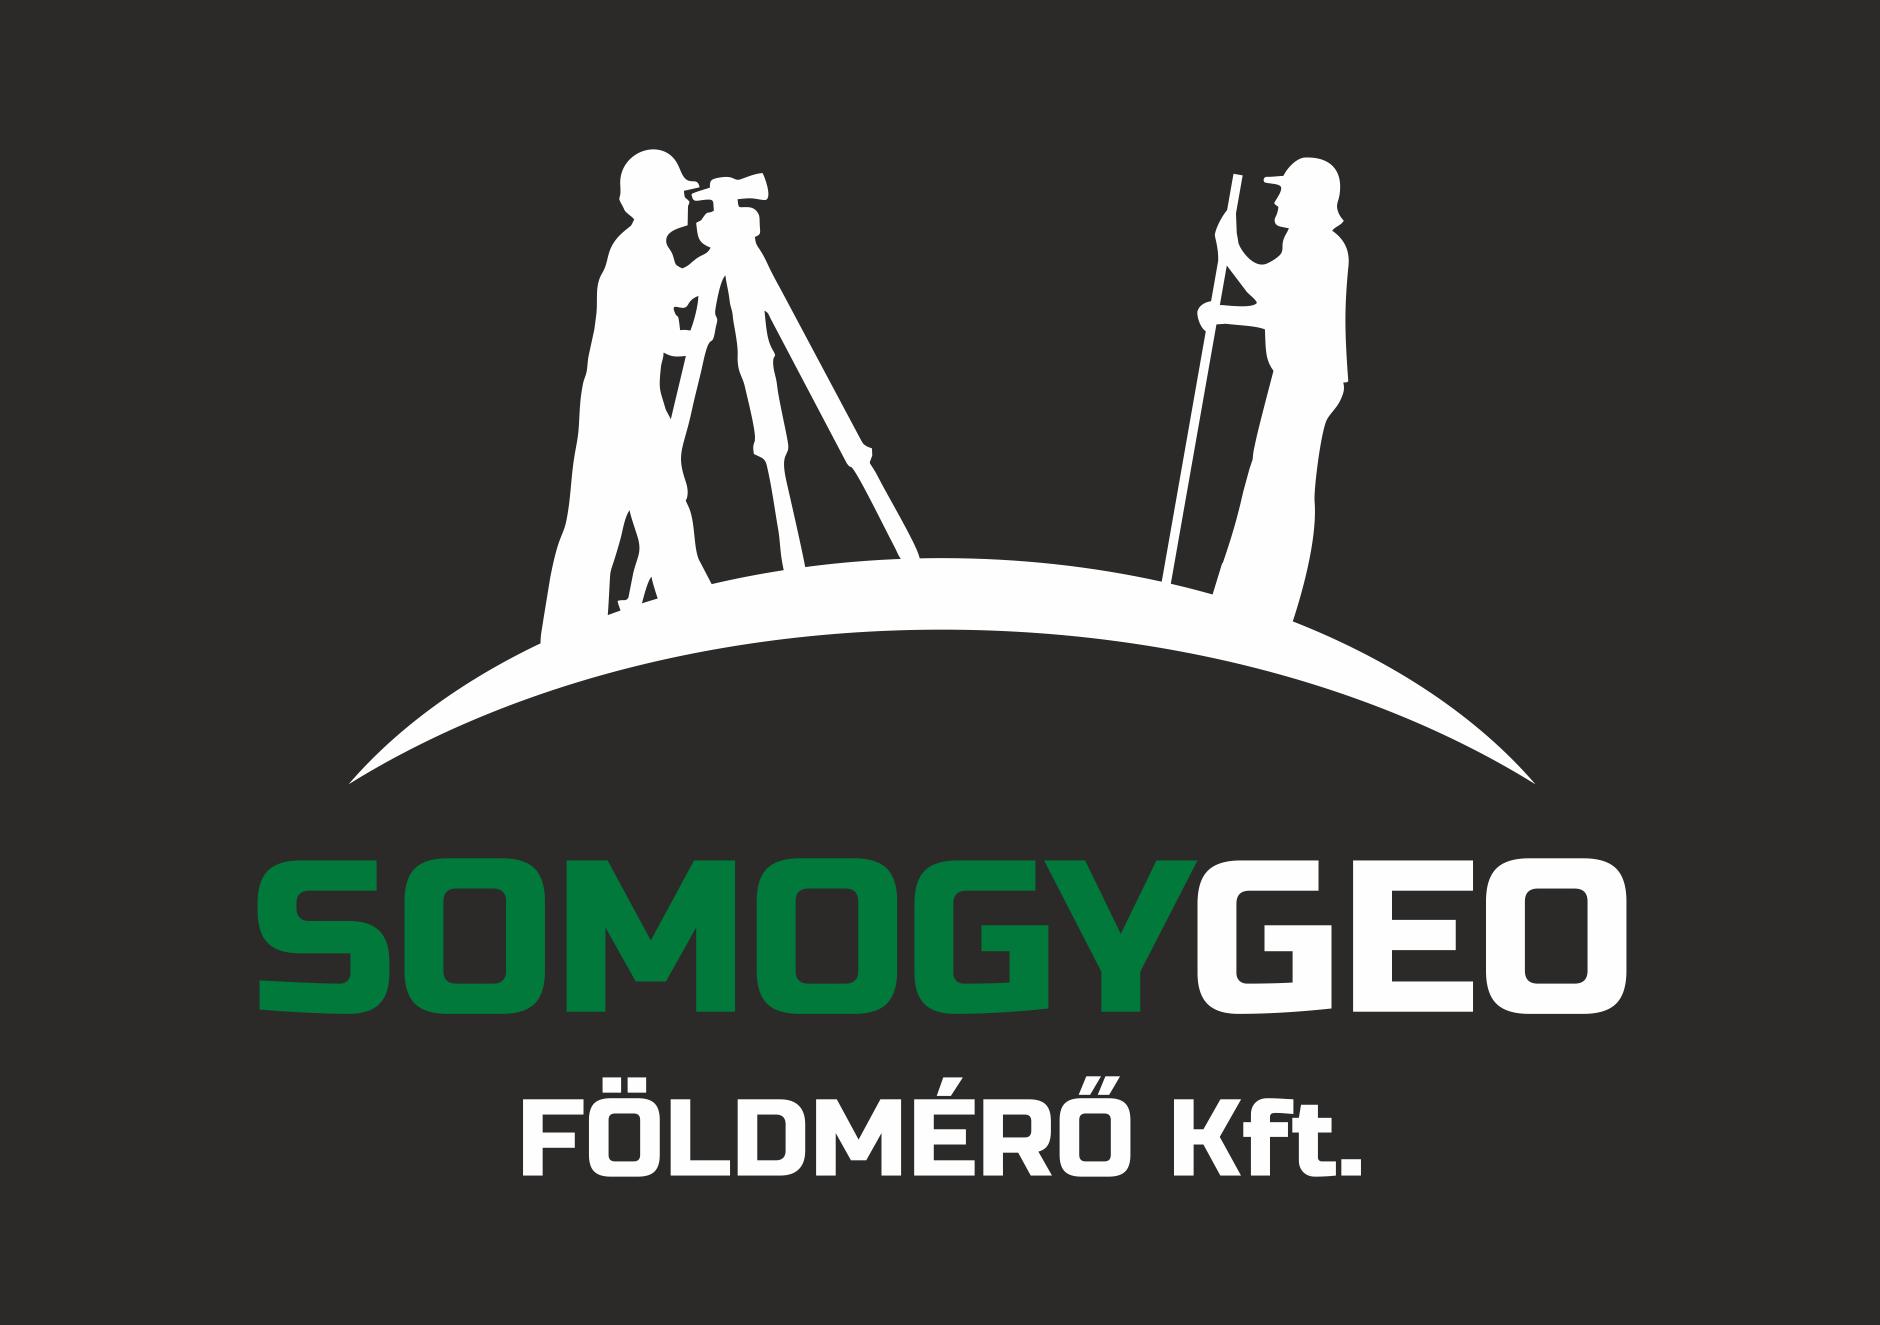 SomogyGeo Földmérő Kft. logó